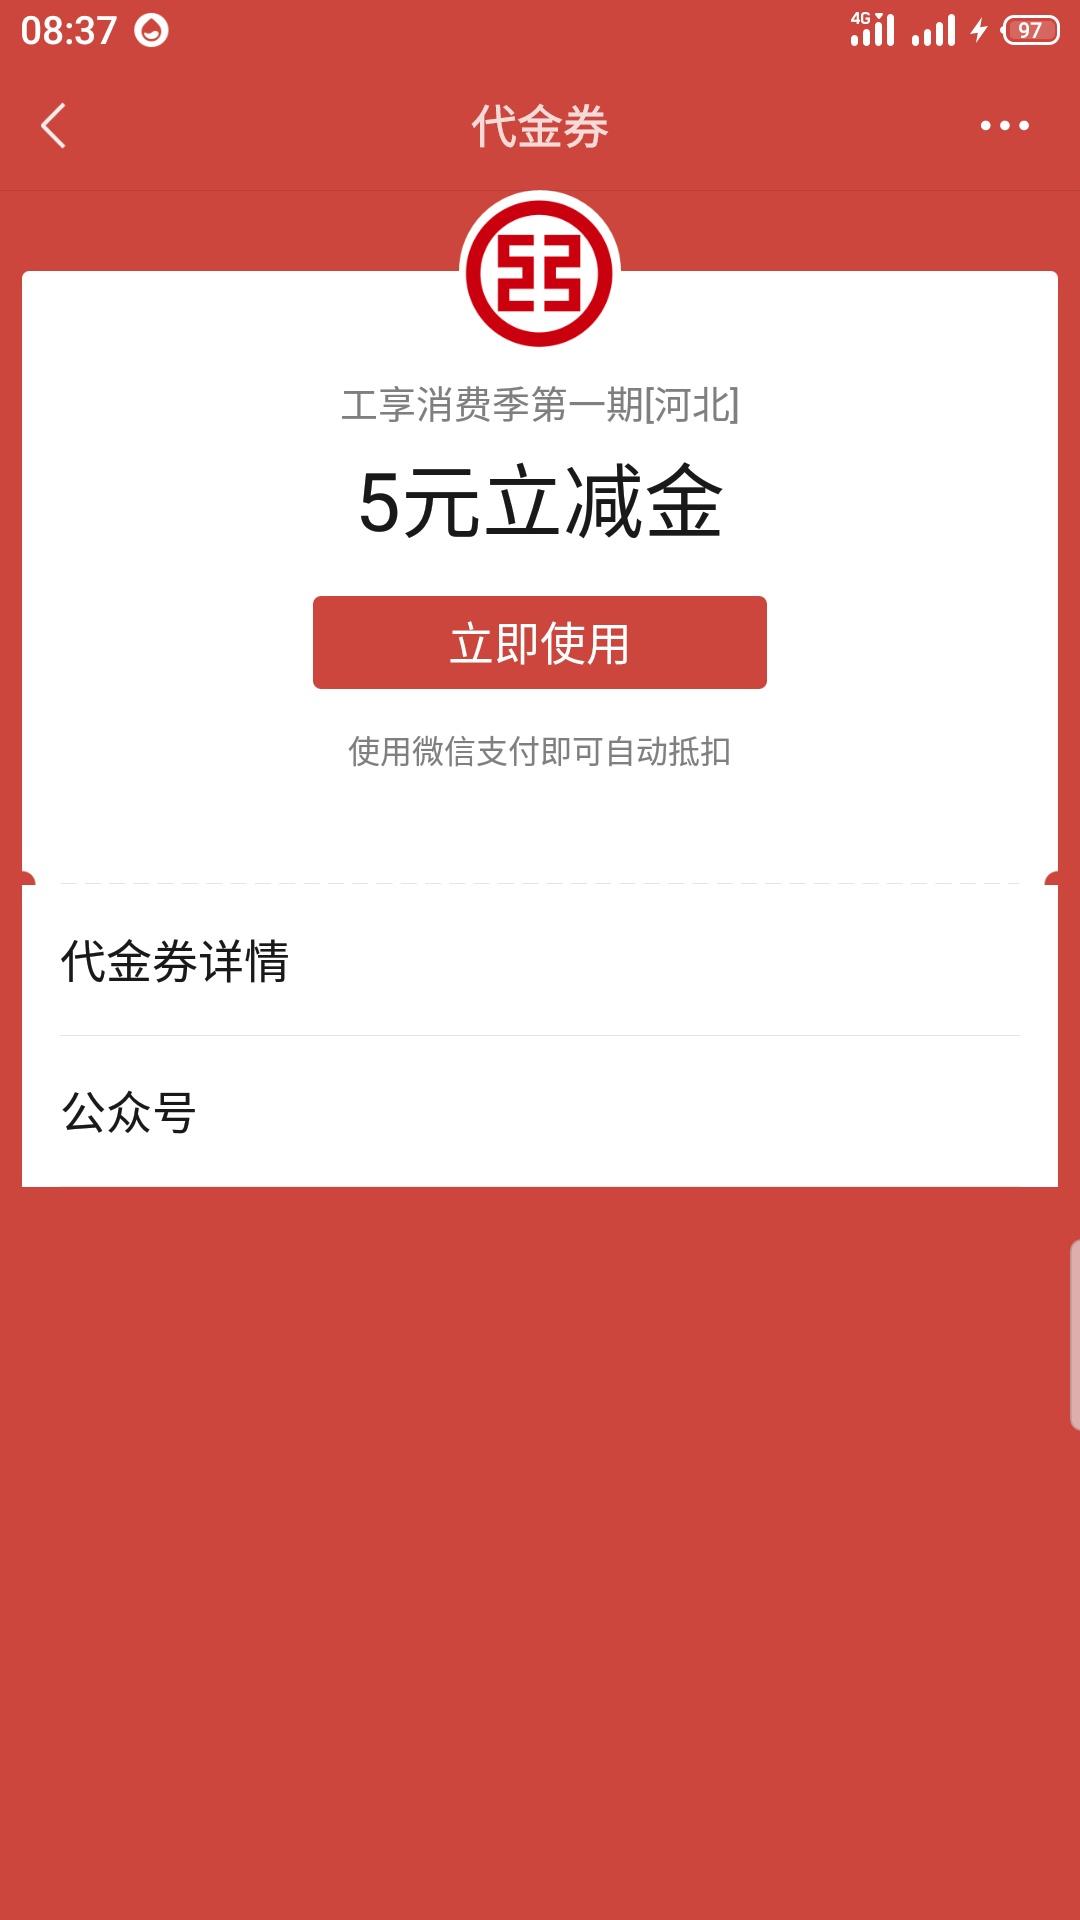 工商银行领五元微信立减金(河北)抽融e购券插图4